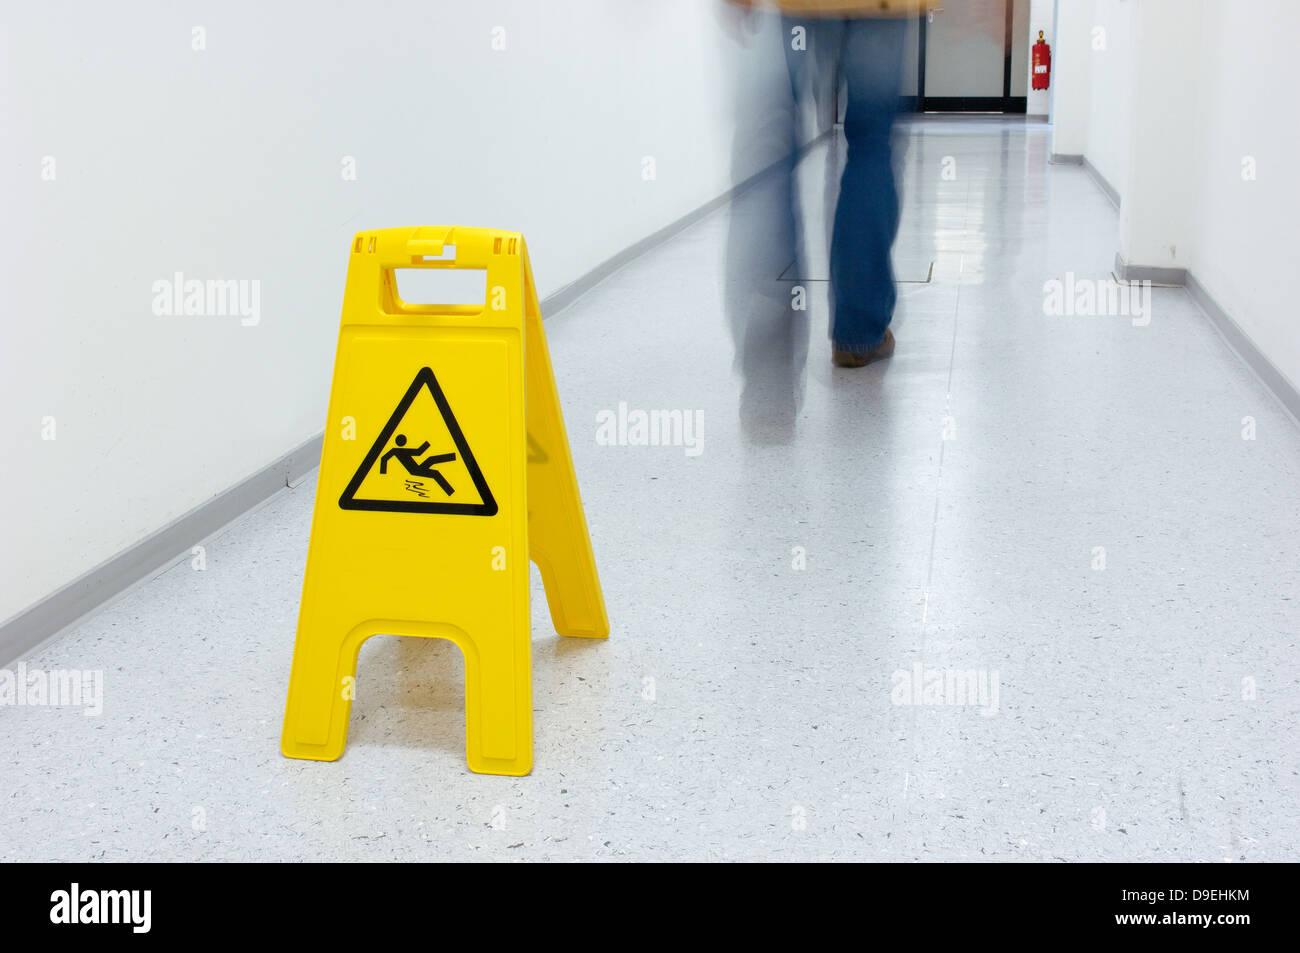 Warning for slippery floor - Stock Image